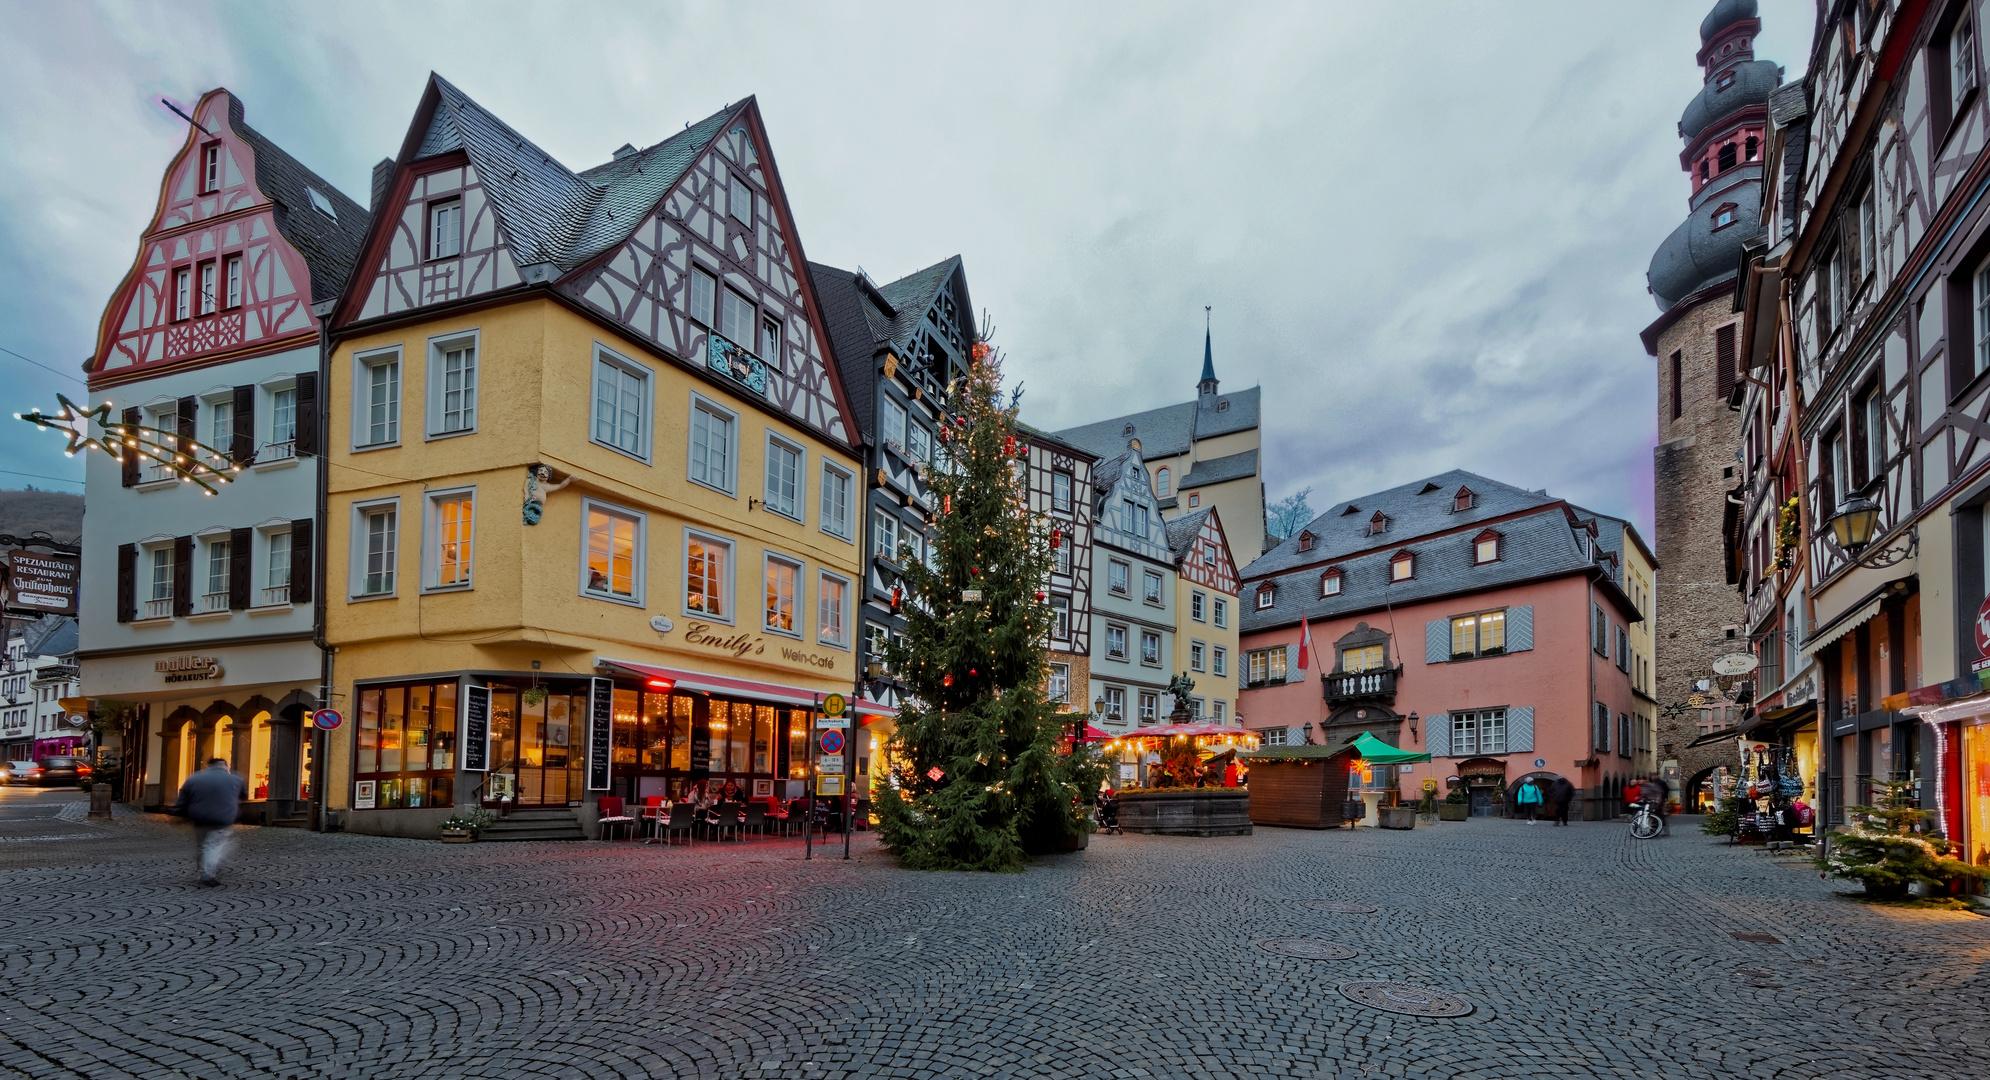 Cochem Weihnachtsmarkt.Marktplatz Weihnachtsmarkt Cochem Foto Bild Weihnachten World